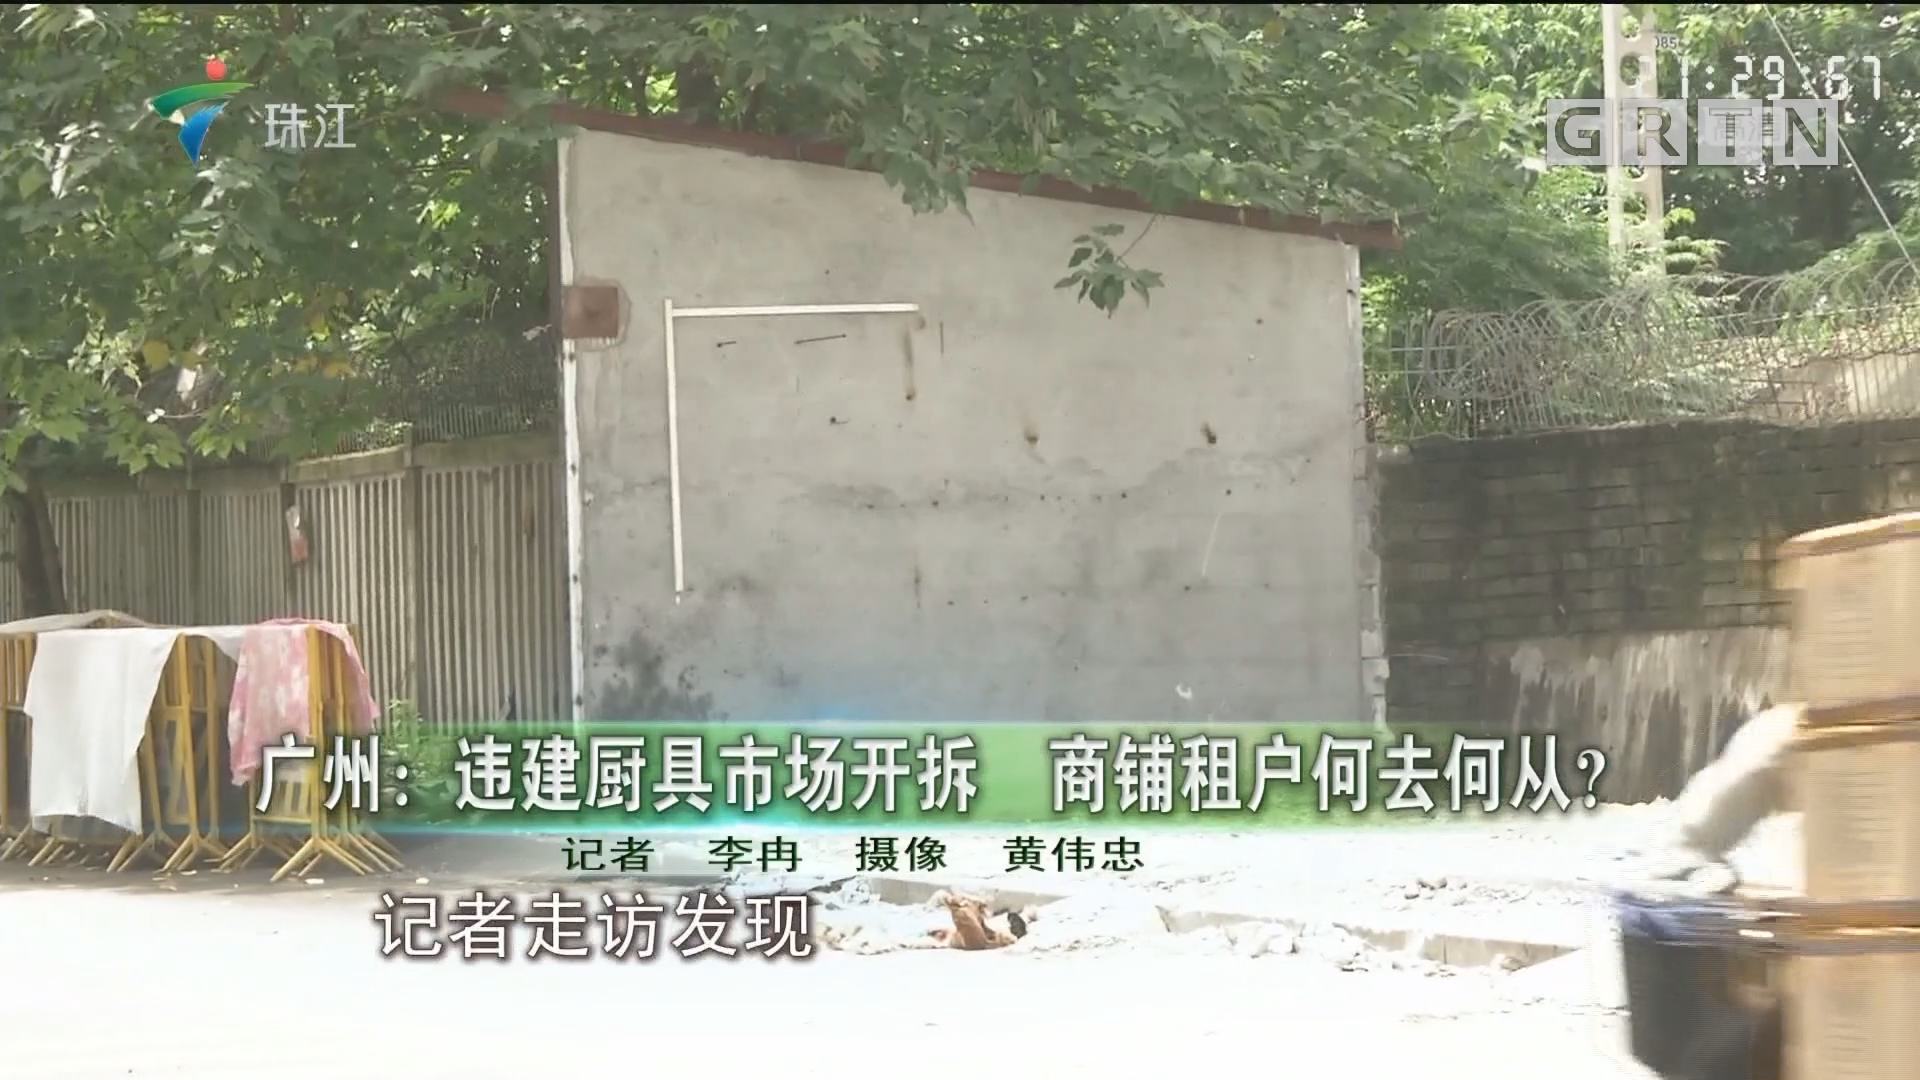 广州:违建厨具市场开拆 商铺租户何去何从?